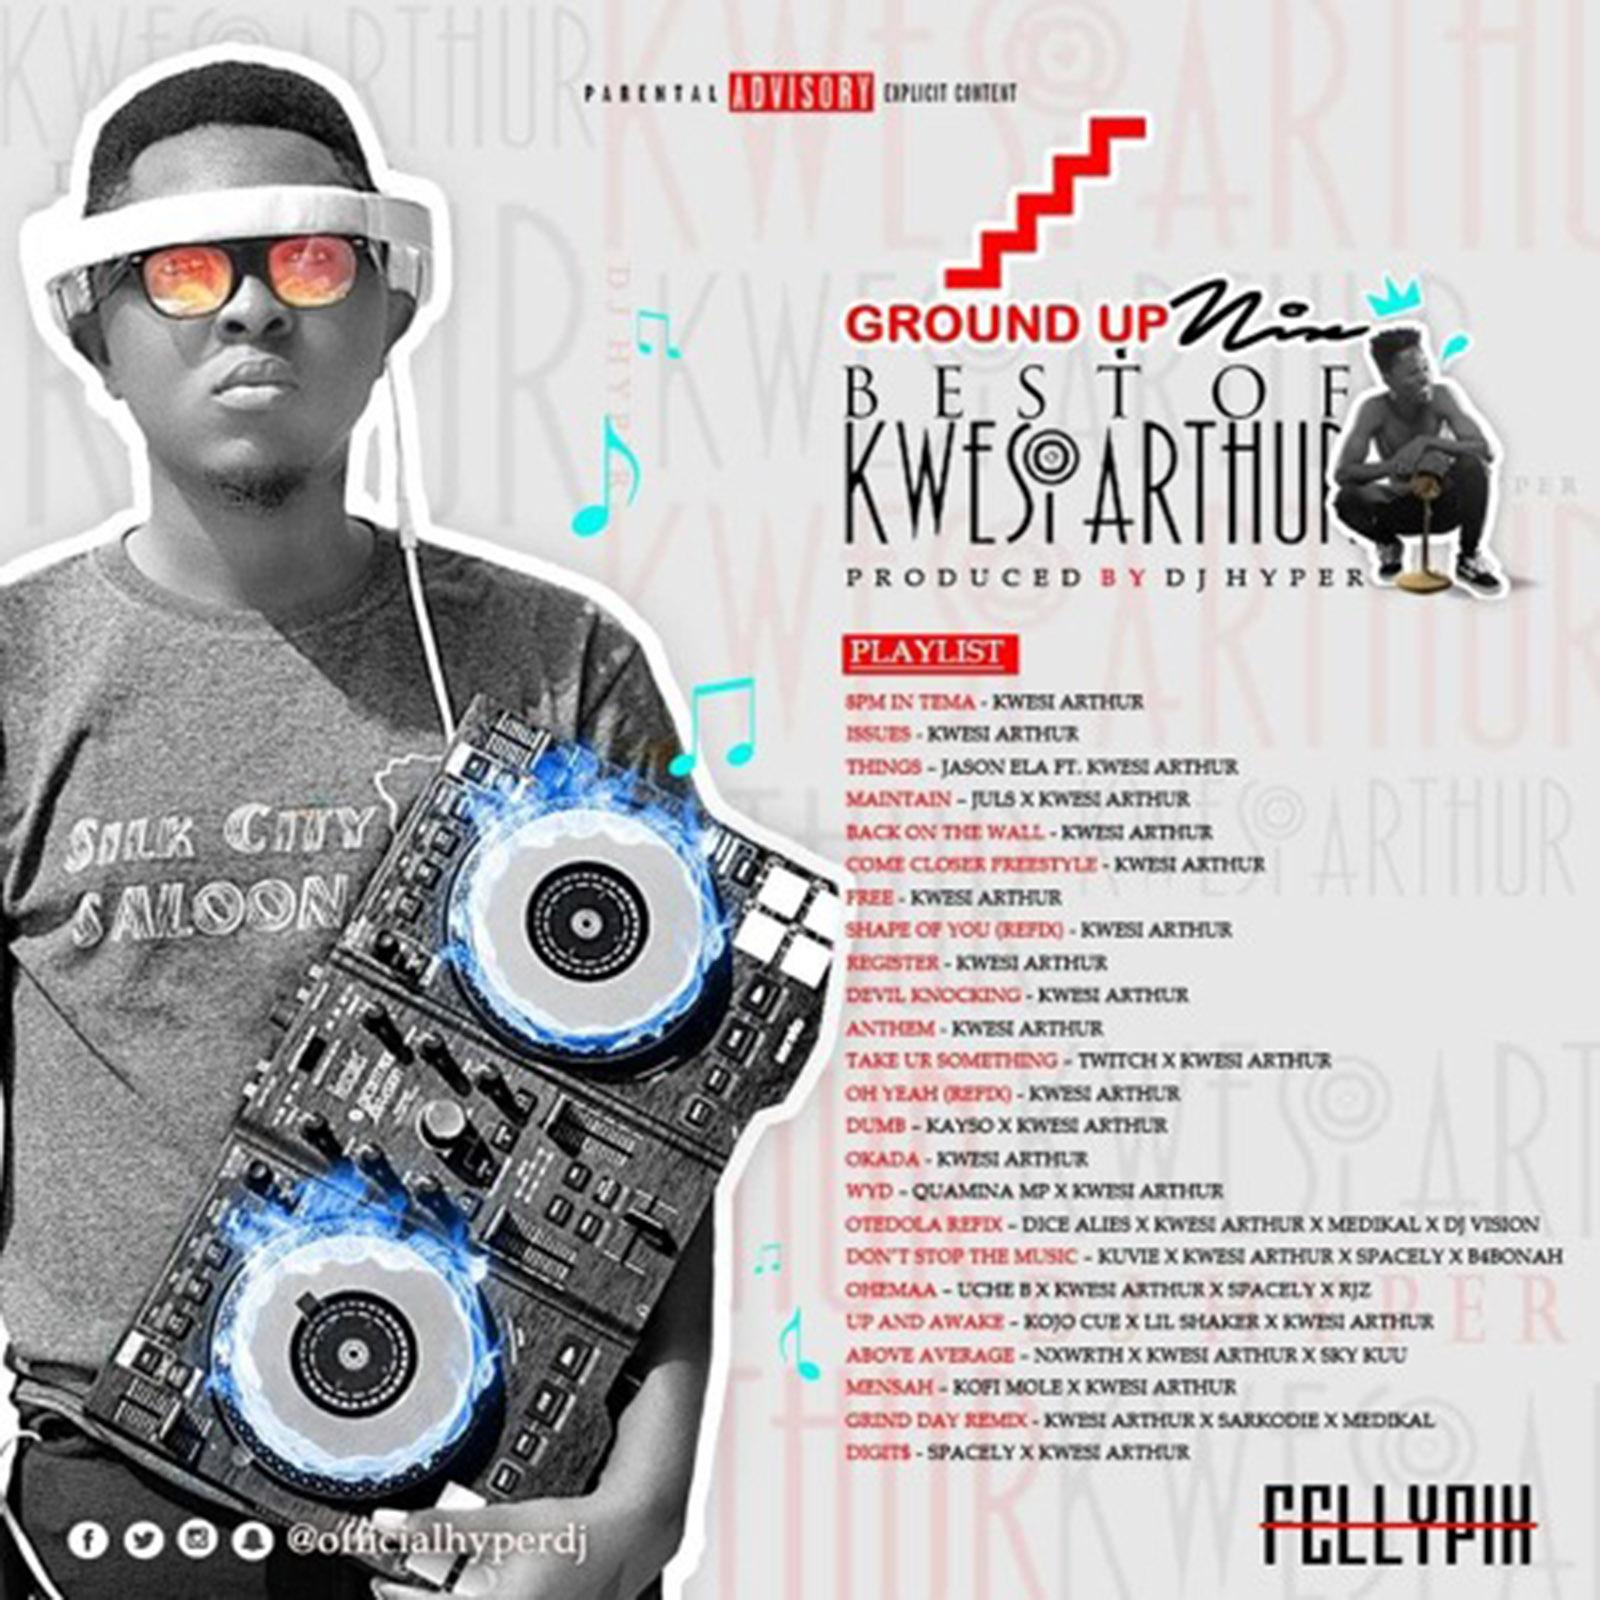 Best Of Kwesi Arthur by DJ Hyper